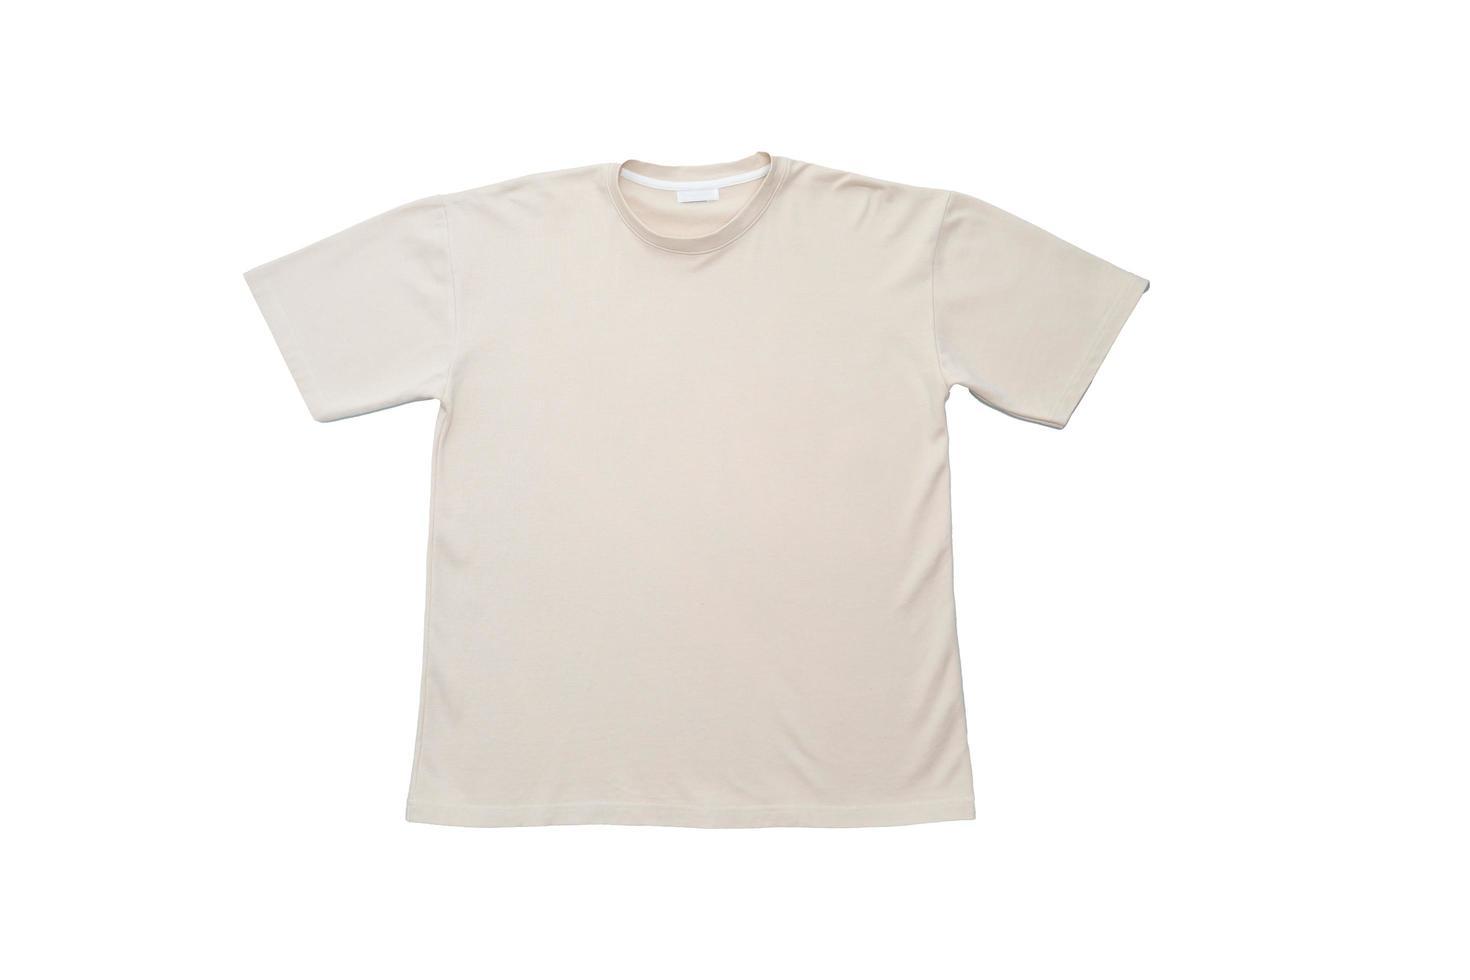 vanlig t-shirt på vit bakgrund foto